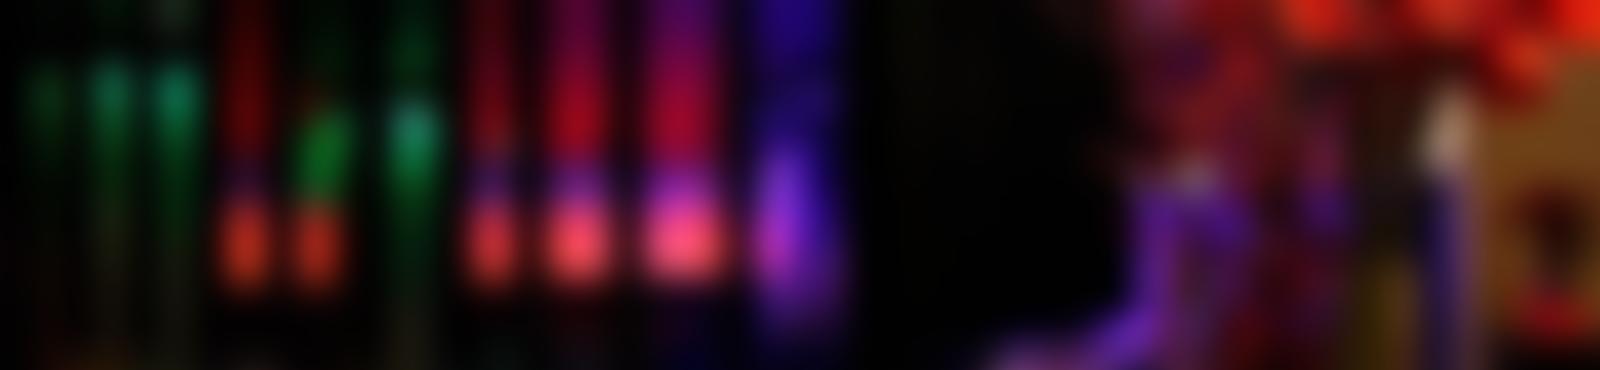 Blurred 10469831 973877489292452 2760325499038618174 n